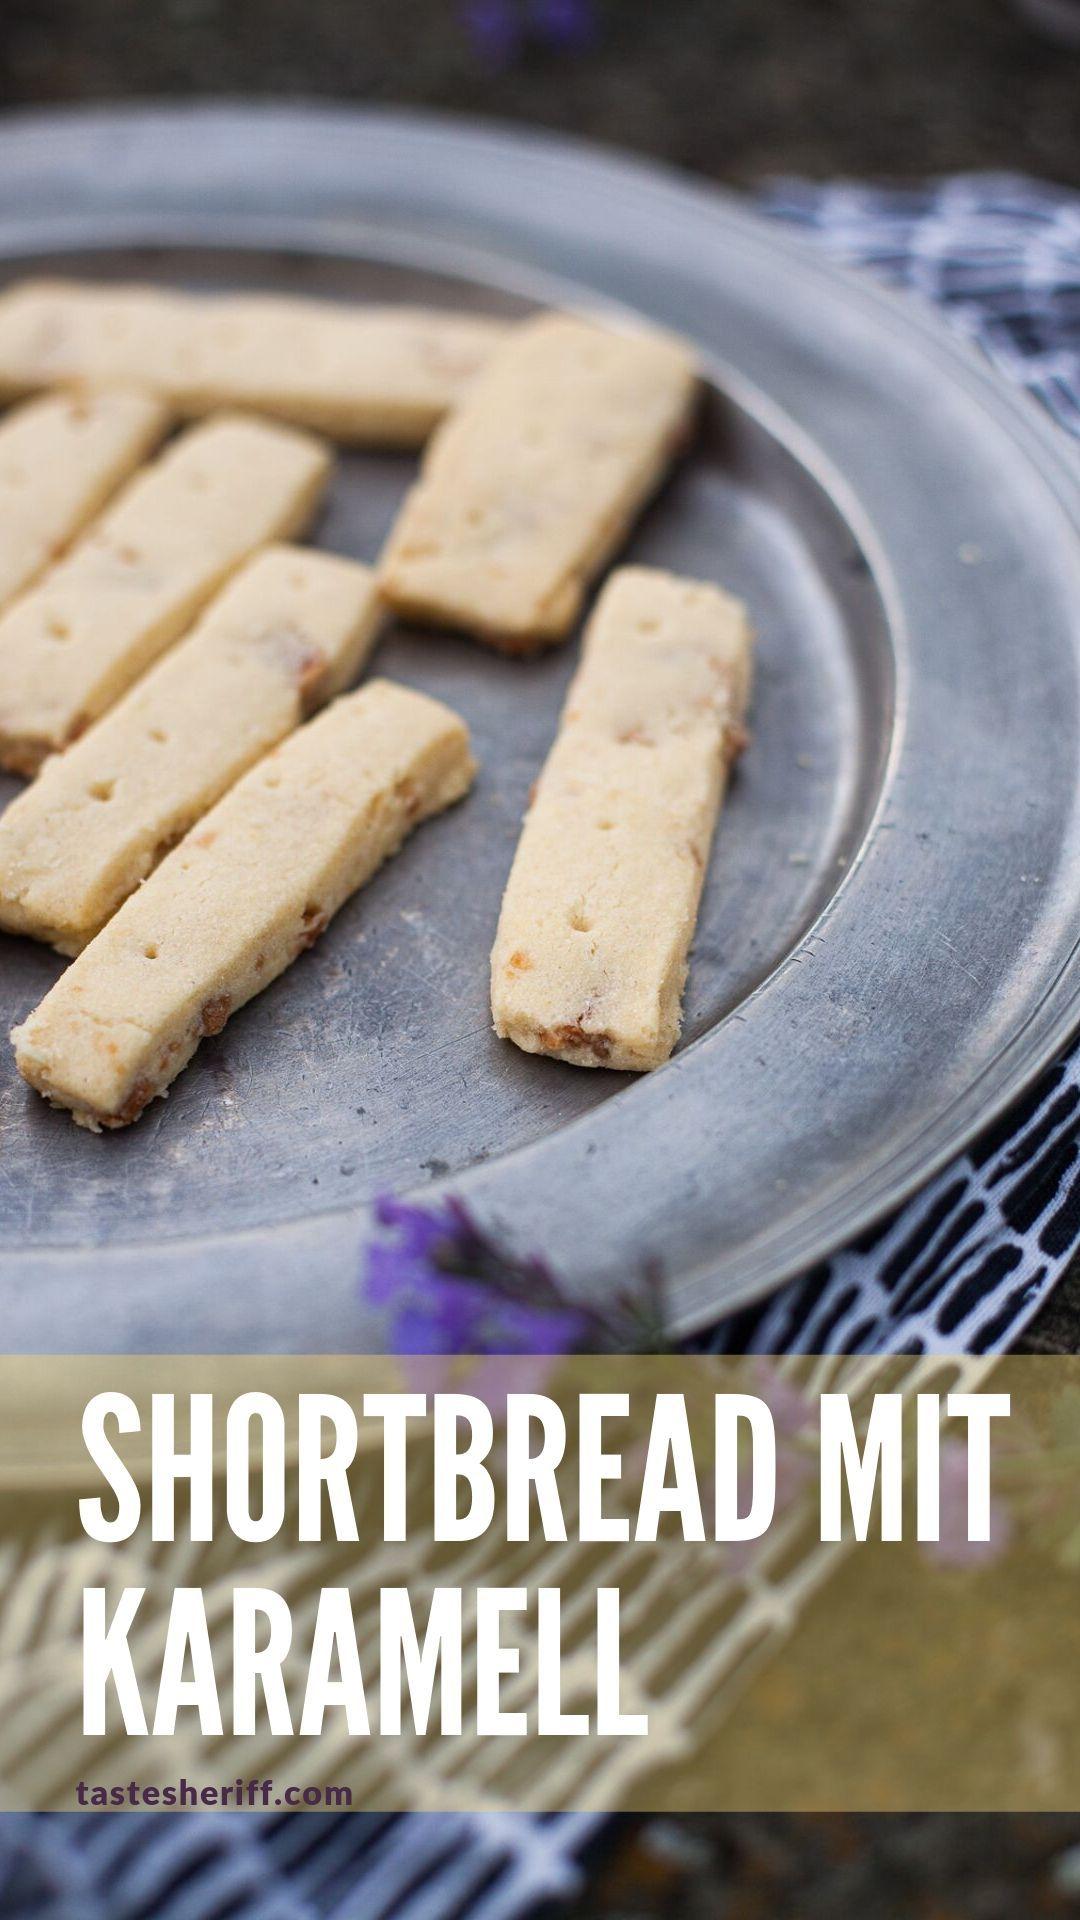 Shortbread Mit Karamellstuckchen Rezept Lebensmittel Essen Shortbread Und Rezepte